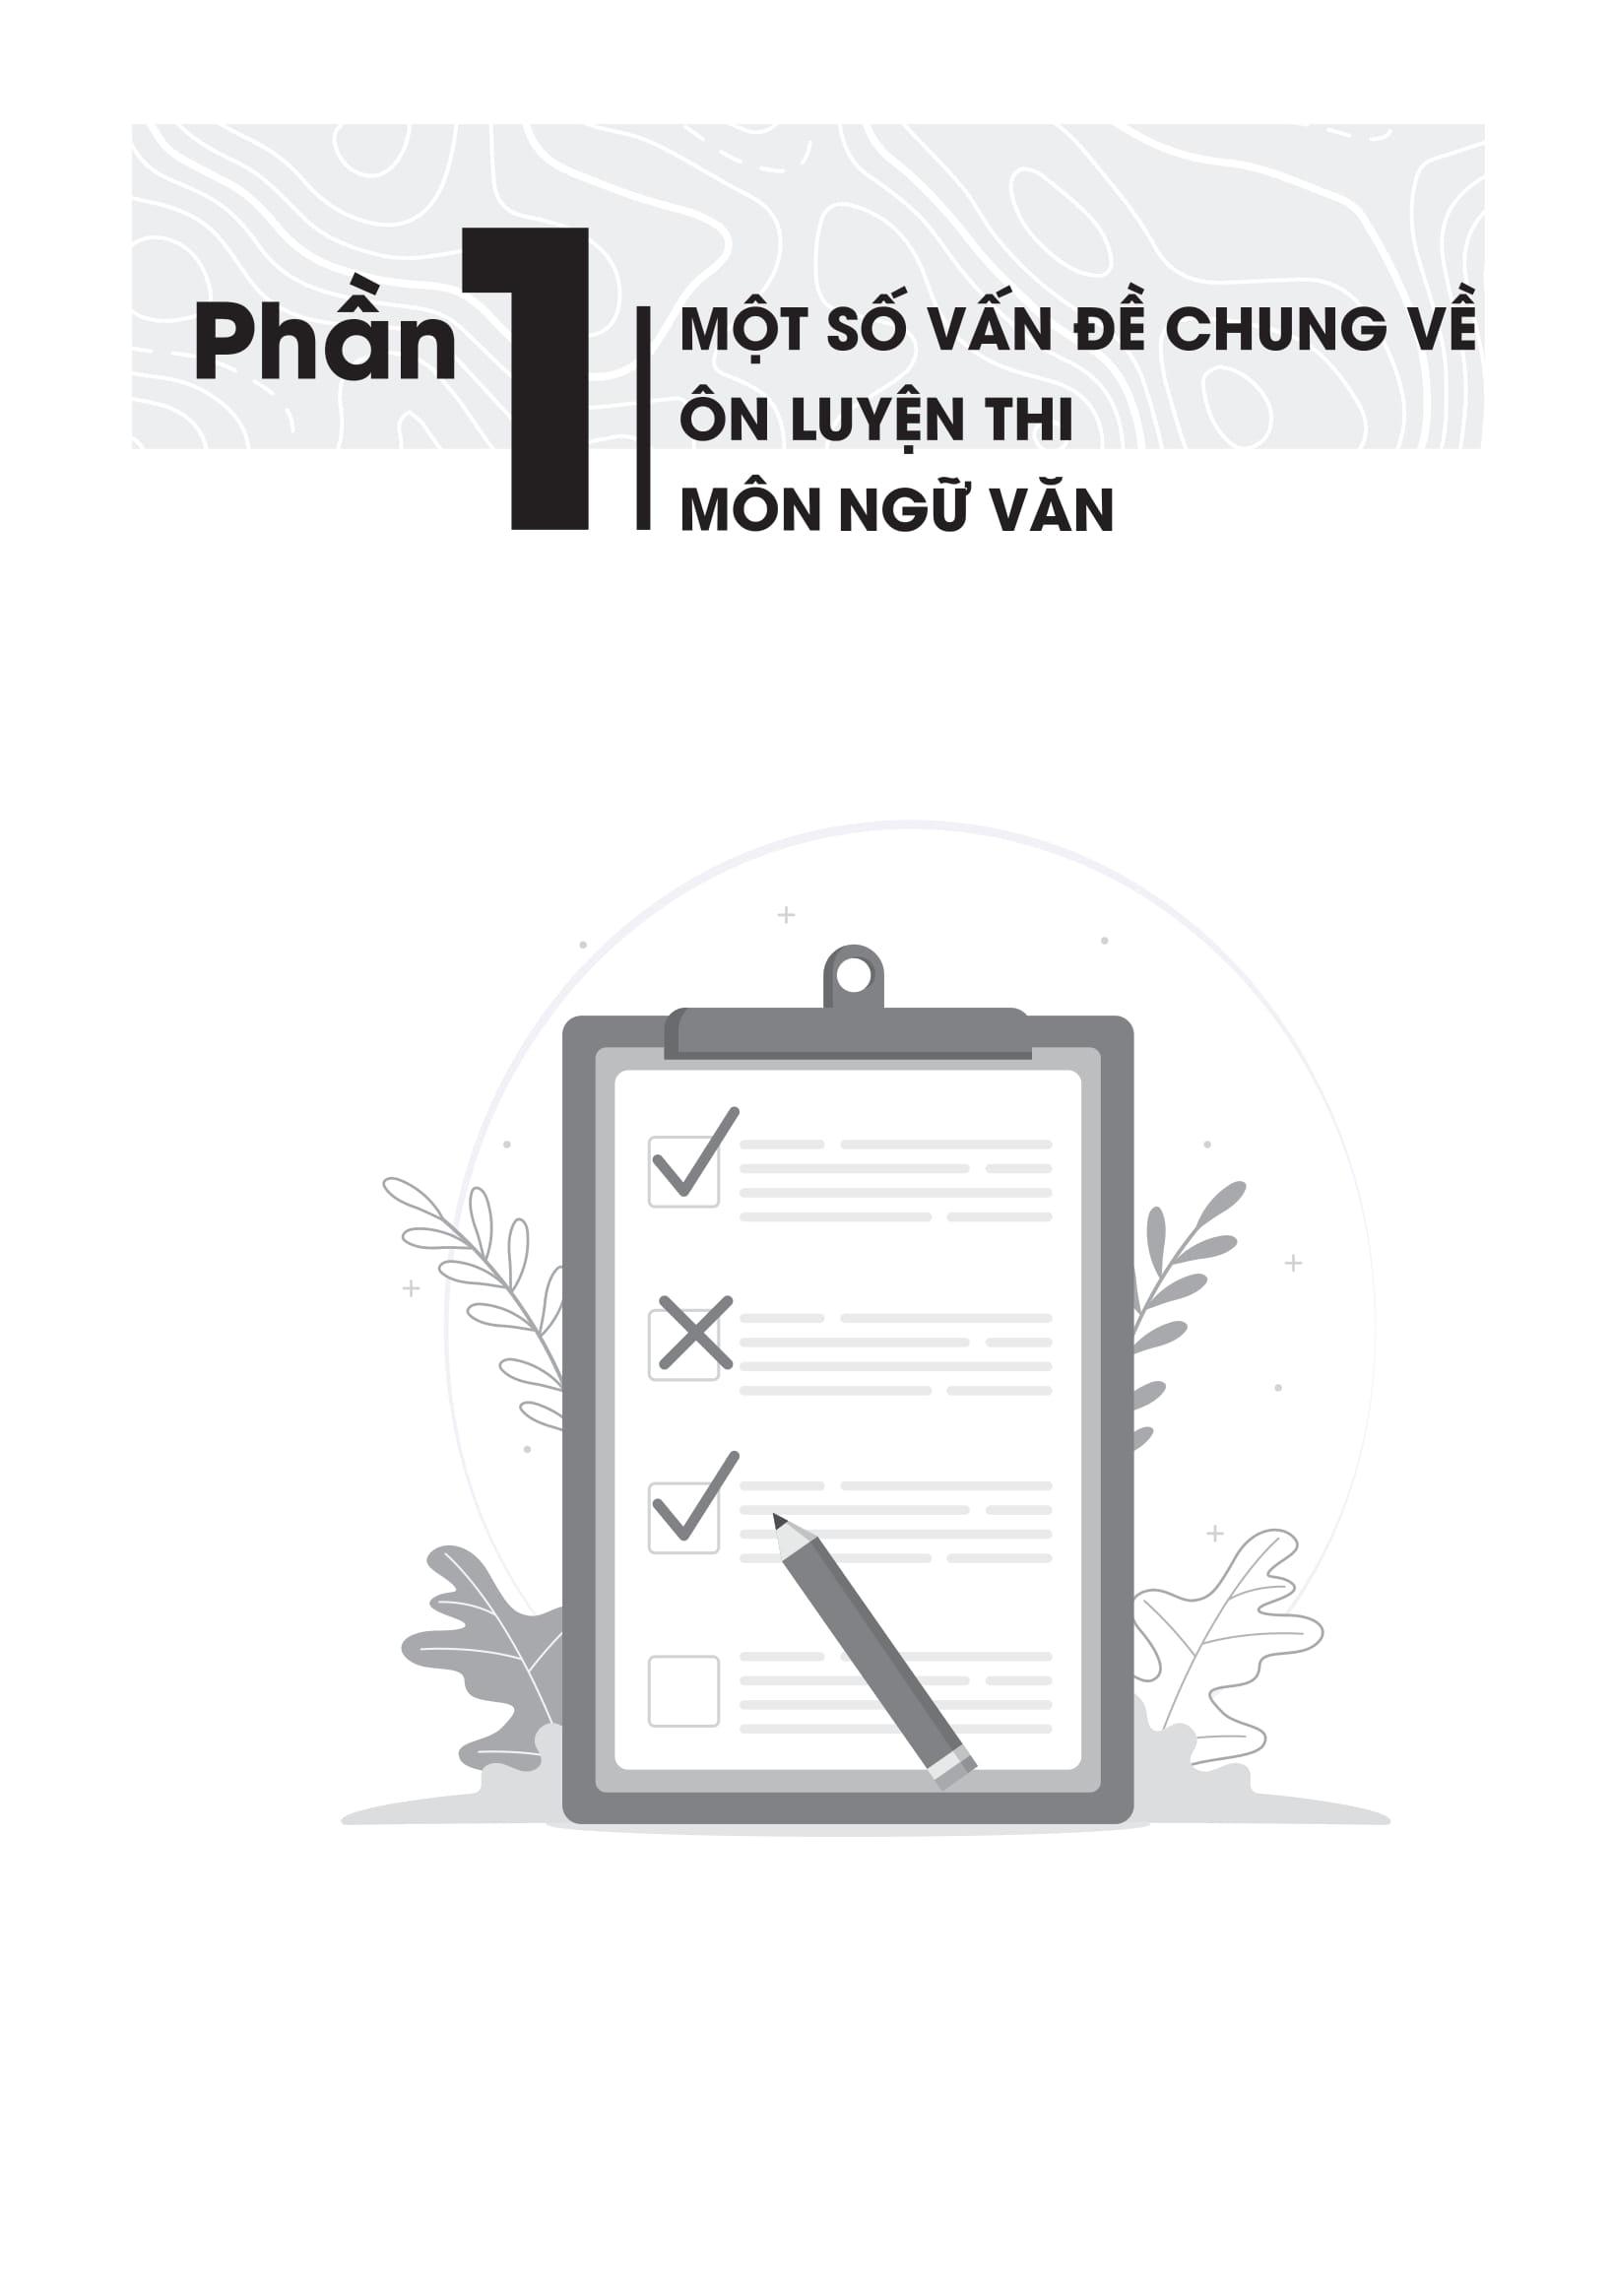 Sách CC Thần tốc luyện đề 2021 môn Ngữ Văn chinh phục kì thi tốt nghiệp THPT và thi vào các trường đại học, cao đẳng